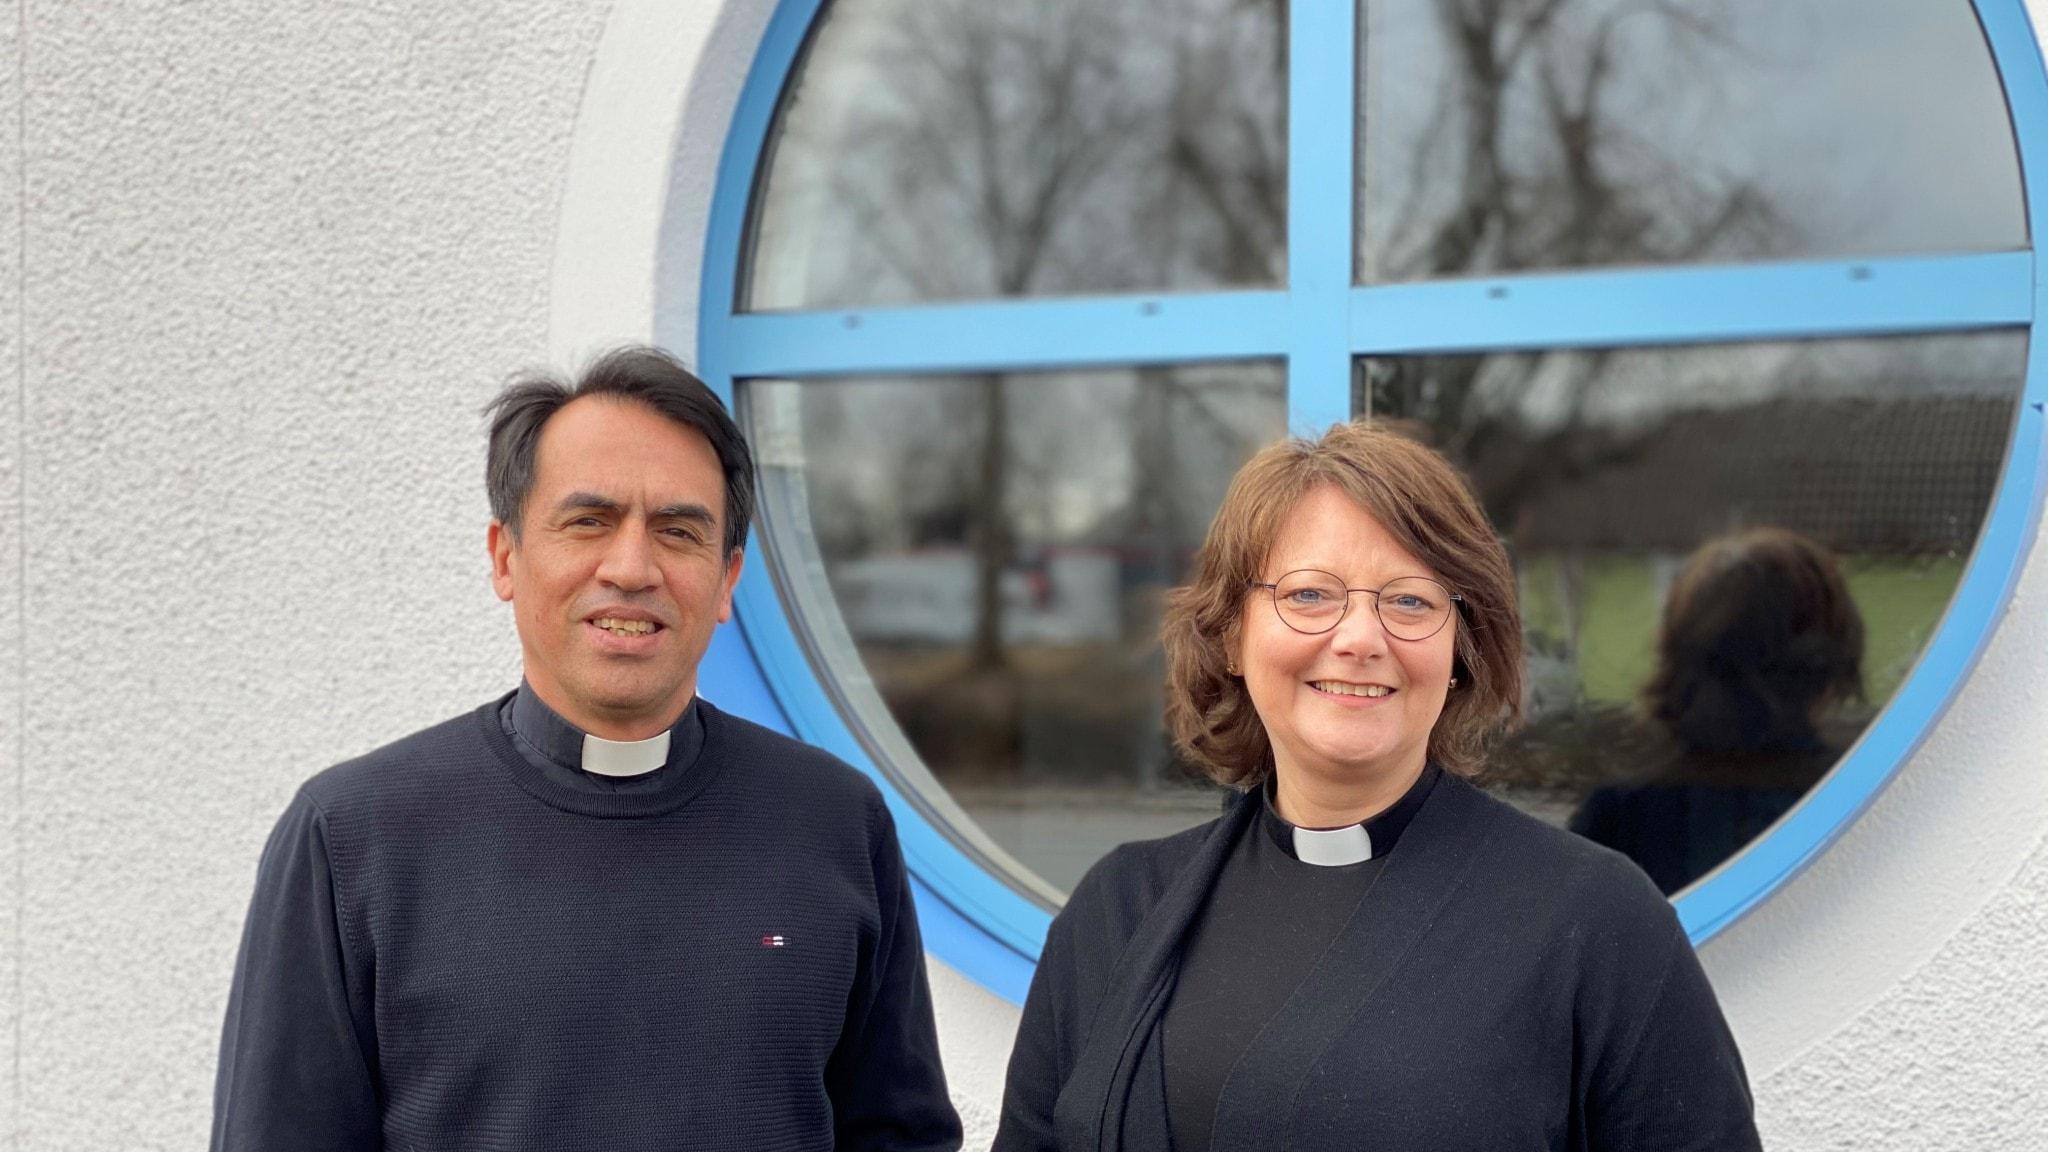 En manlig och en kvinnlig pastor framförrunt fönster